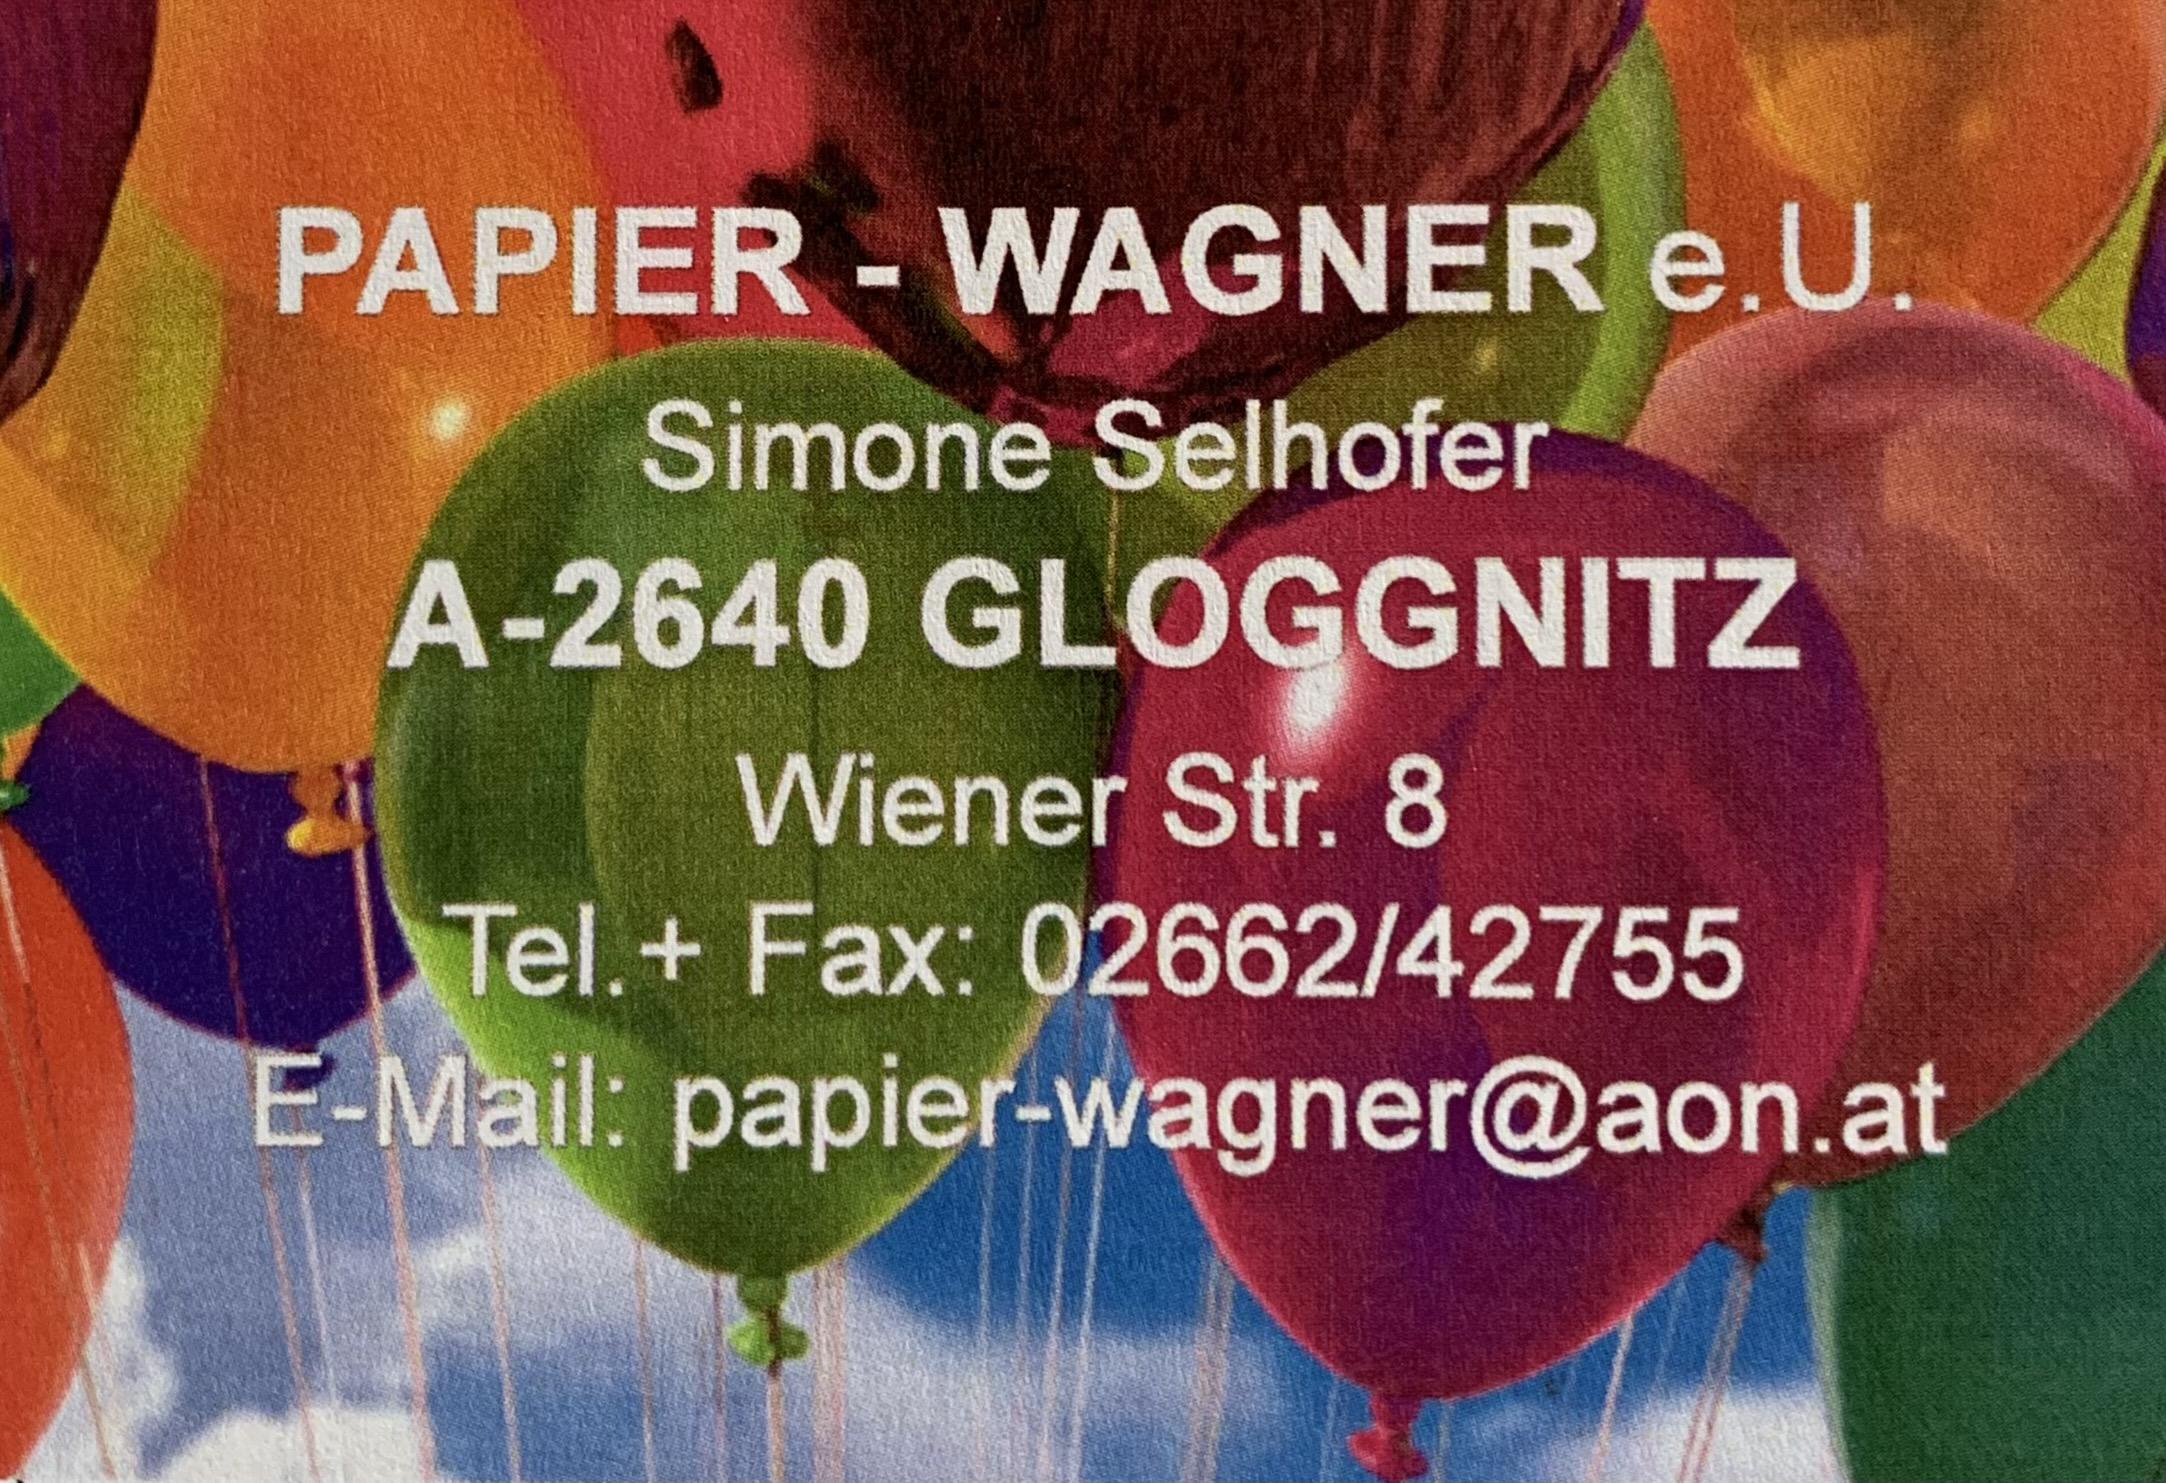 Magnet - Gloggnitz 14-FQ2640-01